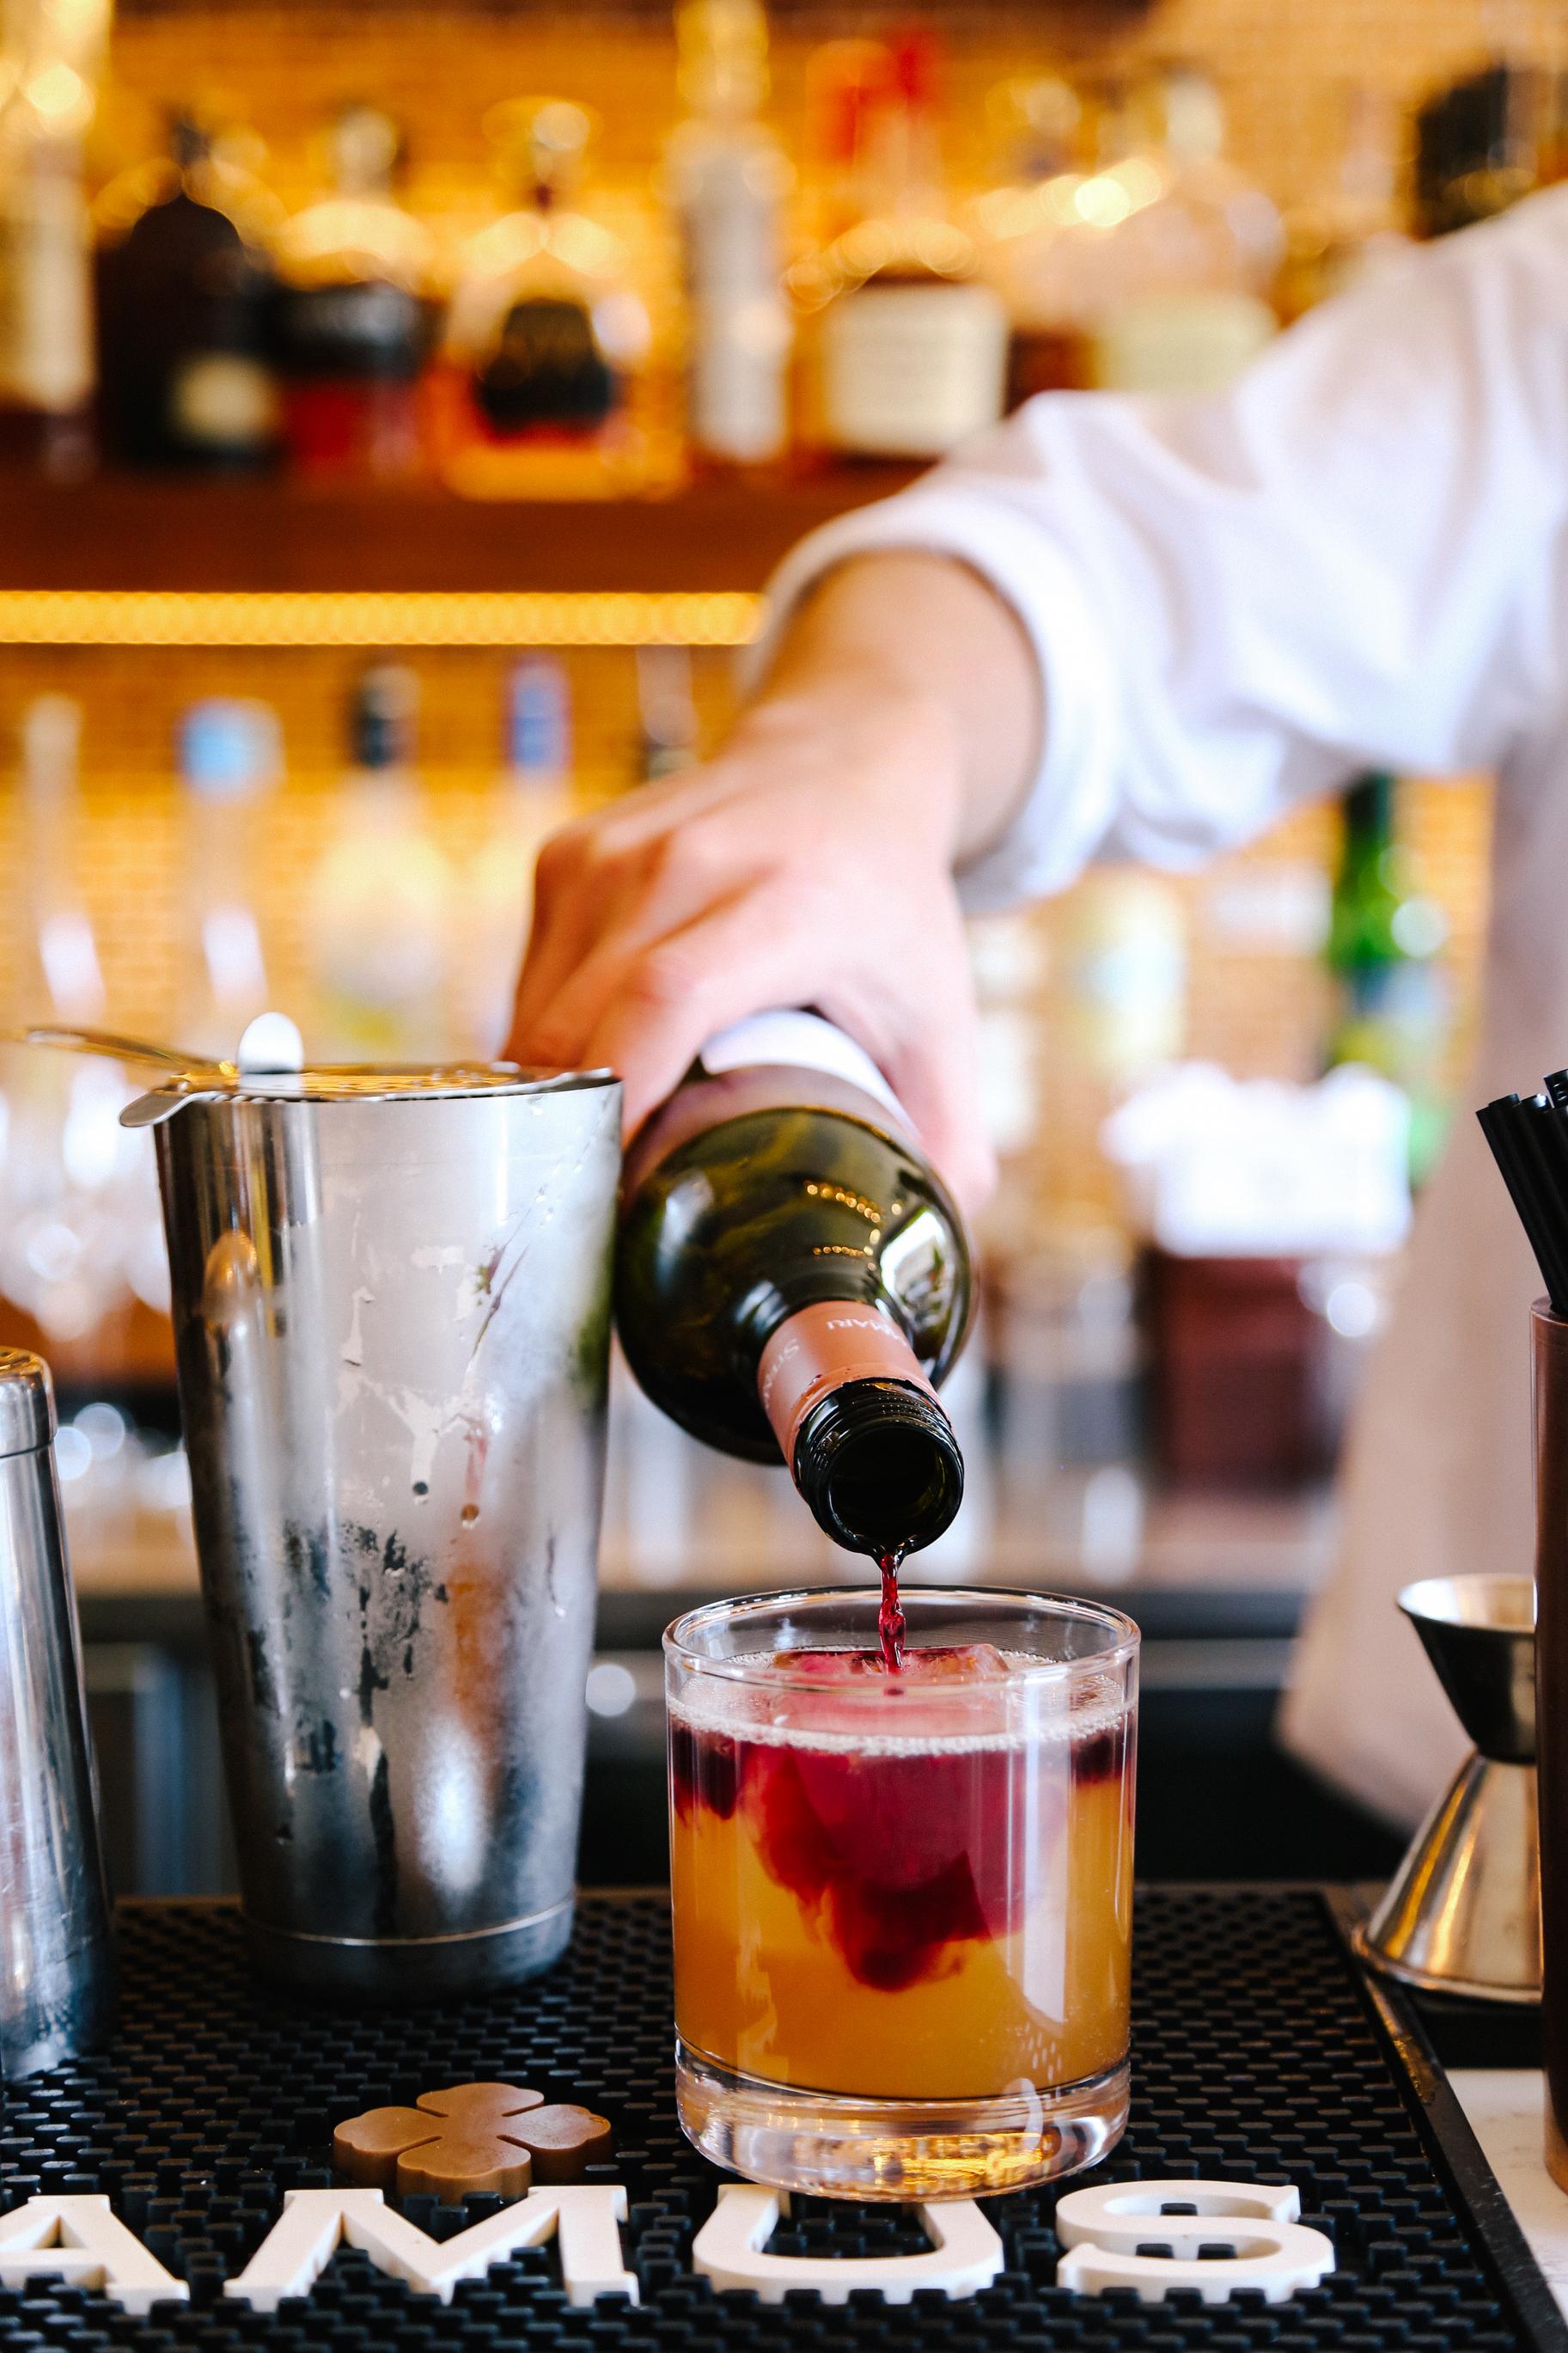 flour-house-cocktail-gif-6.jpg